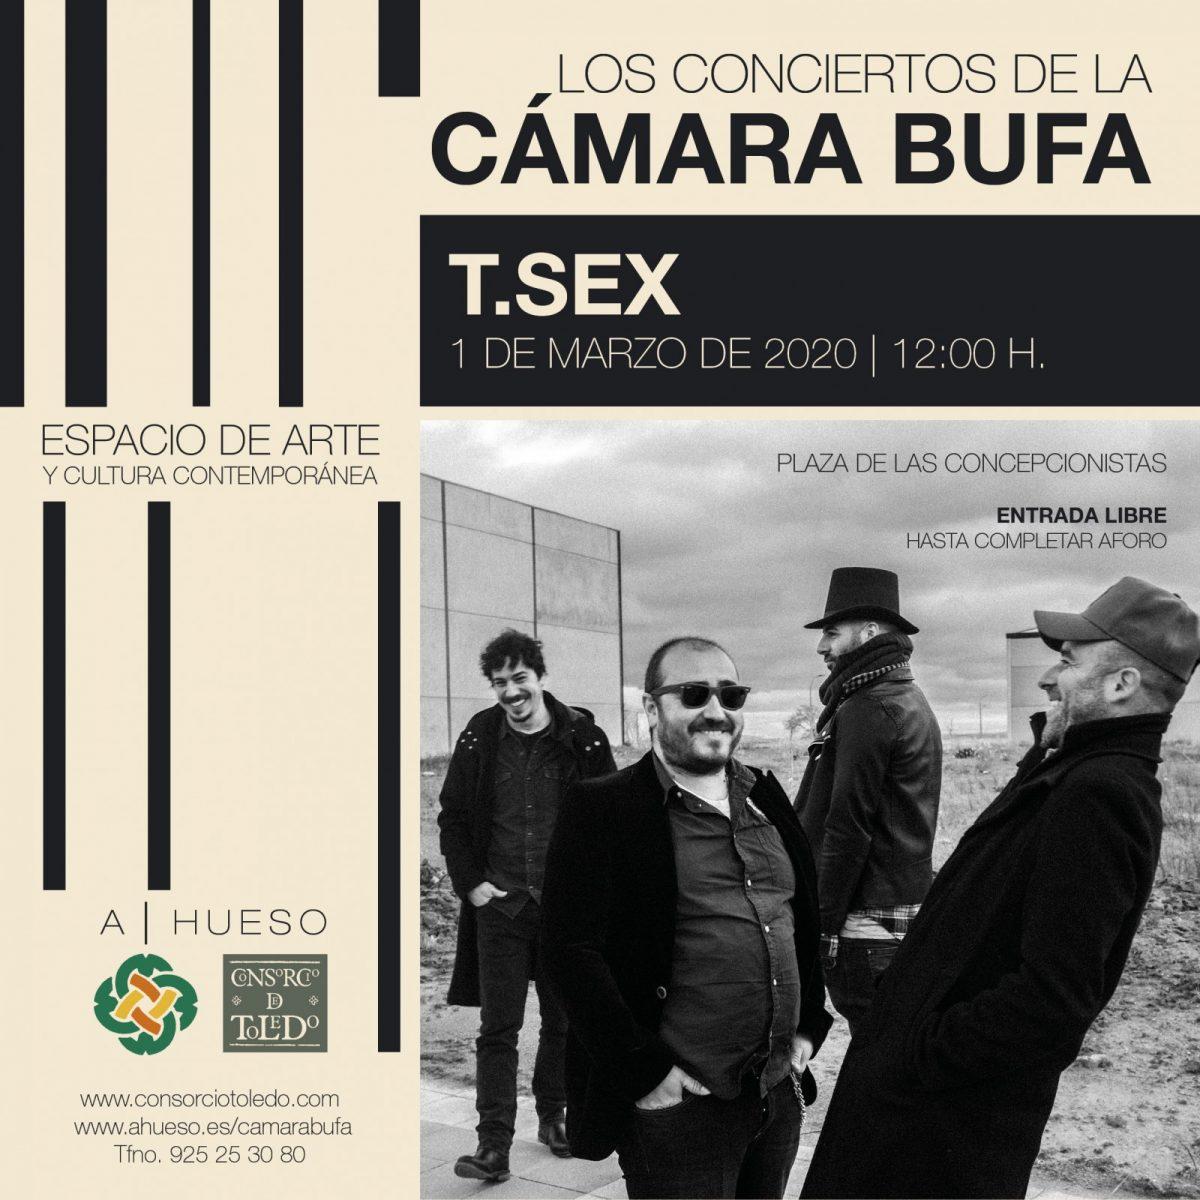 http://www.toledo.es/wp-content/uploads/2020/02/tsex-camara-bufa-2020-1200x1200.jpg. Los Conciertos de la CÁMARA BUFA: T.SEX